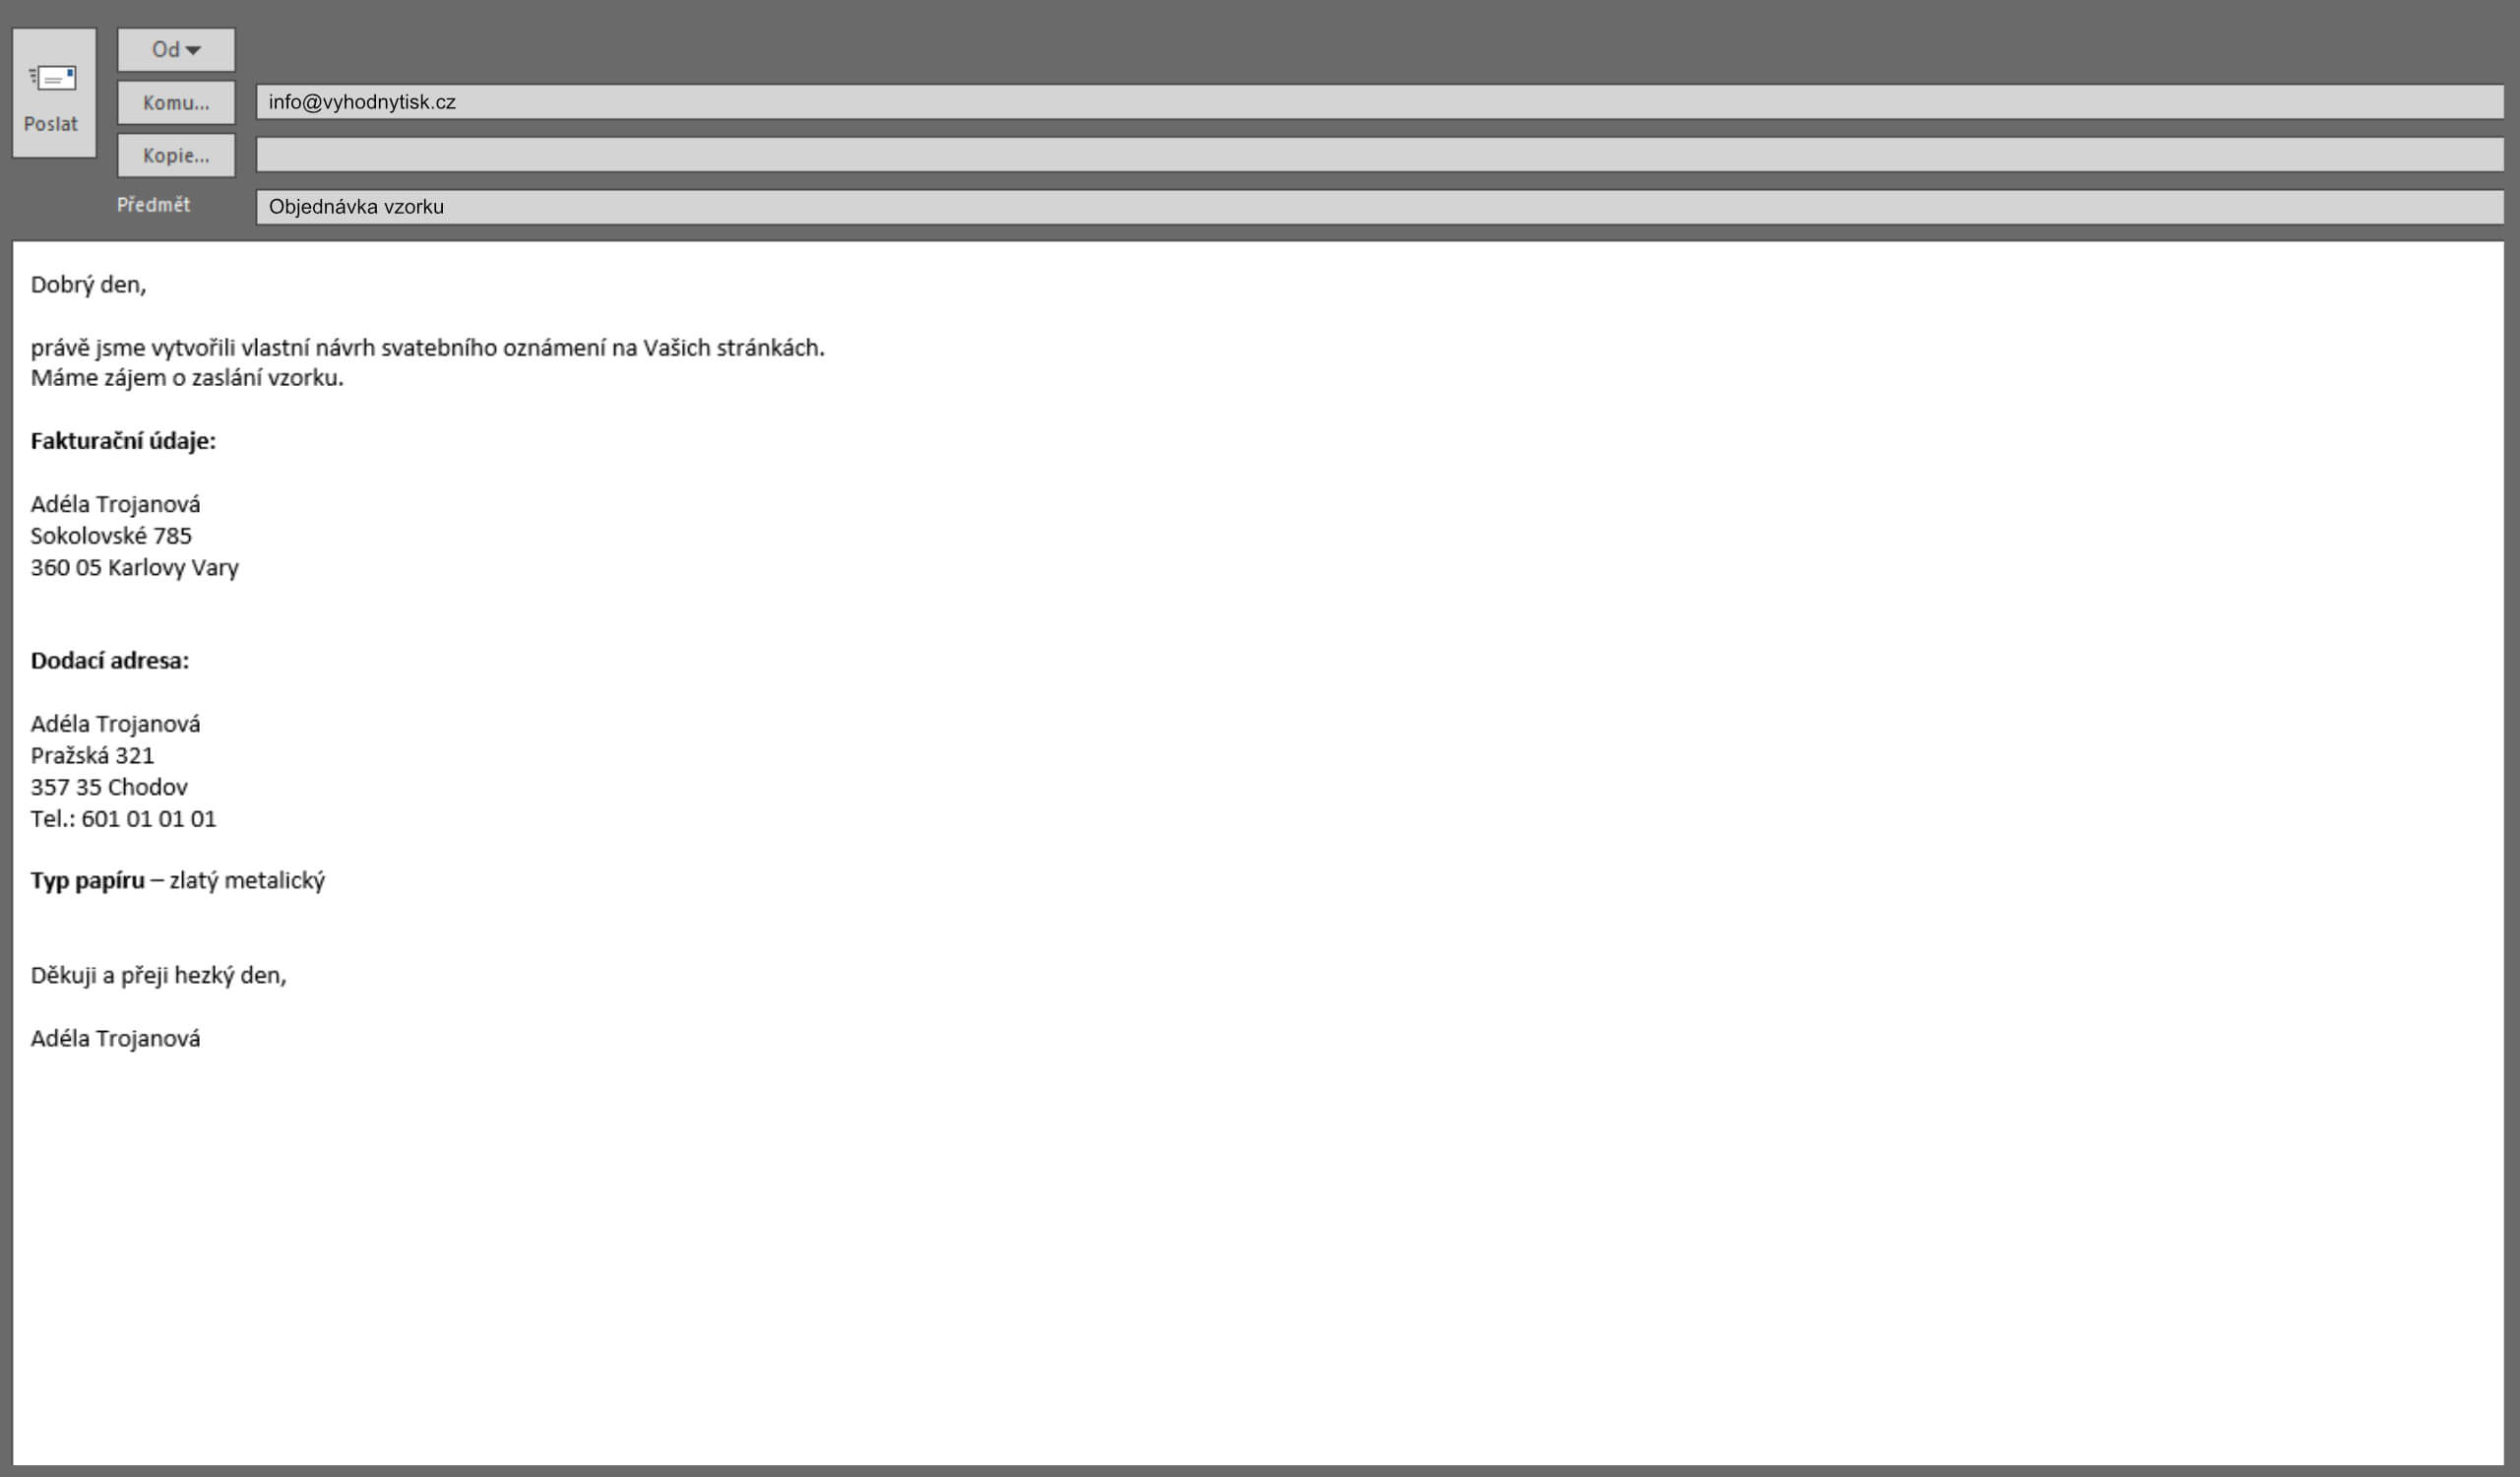 E-mail k objednávce vzorku oznámení zdarma